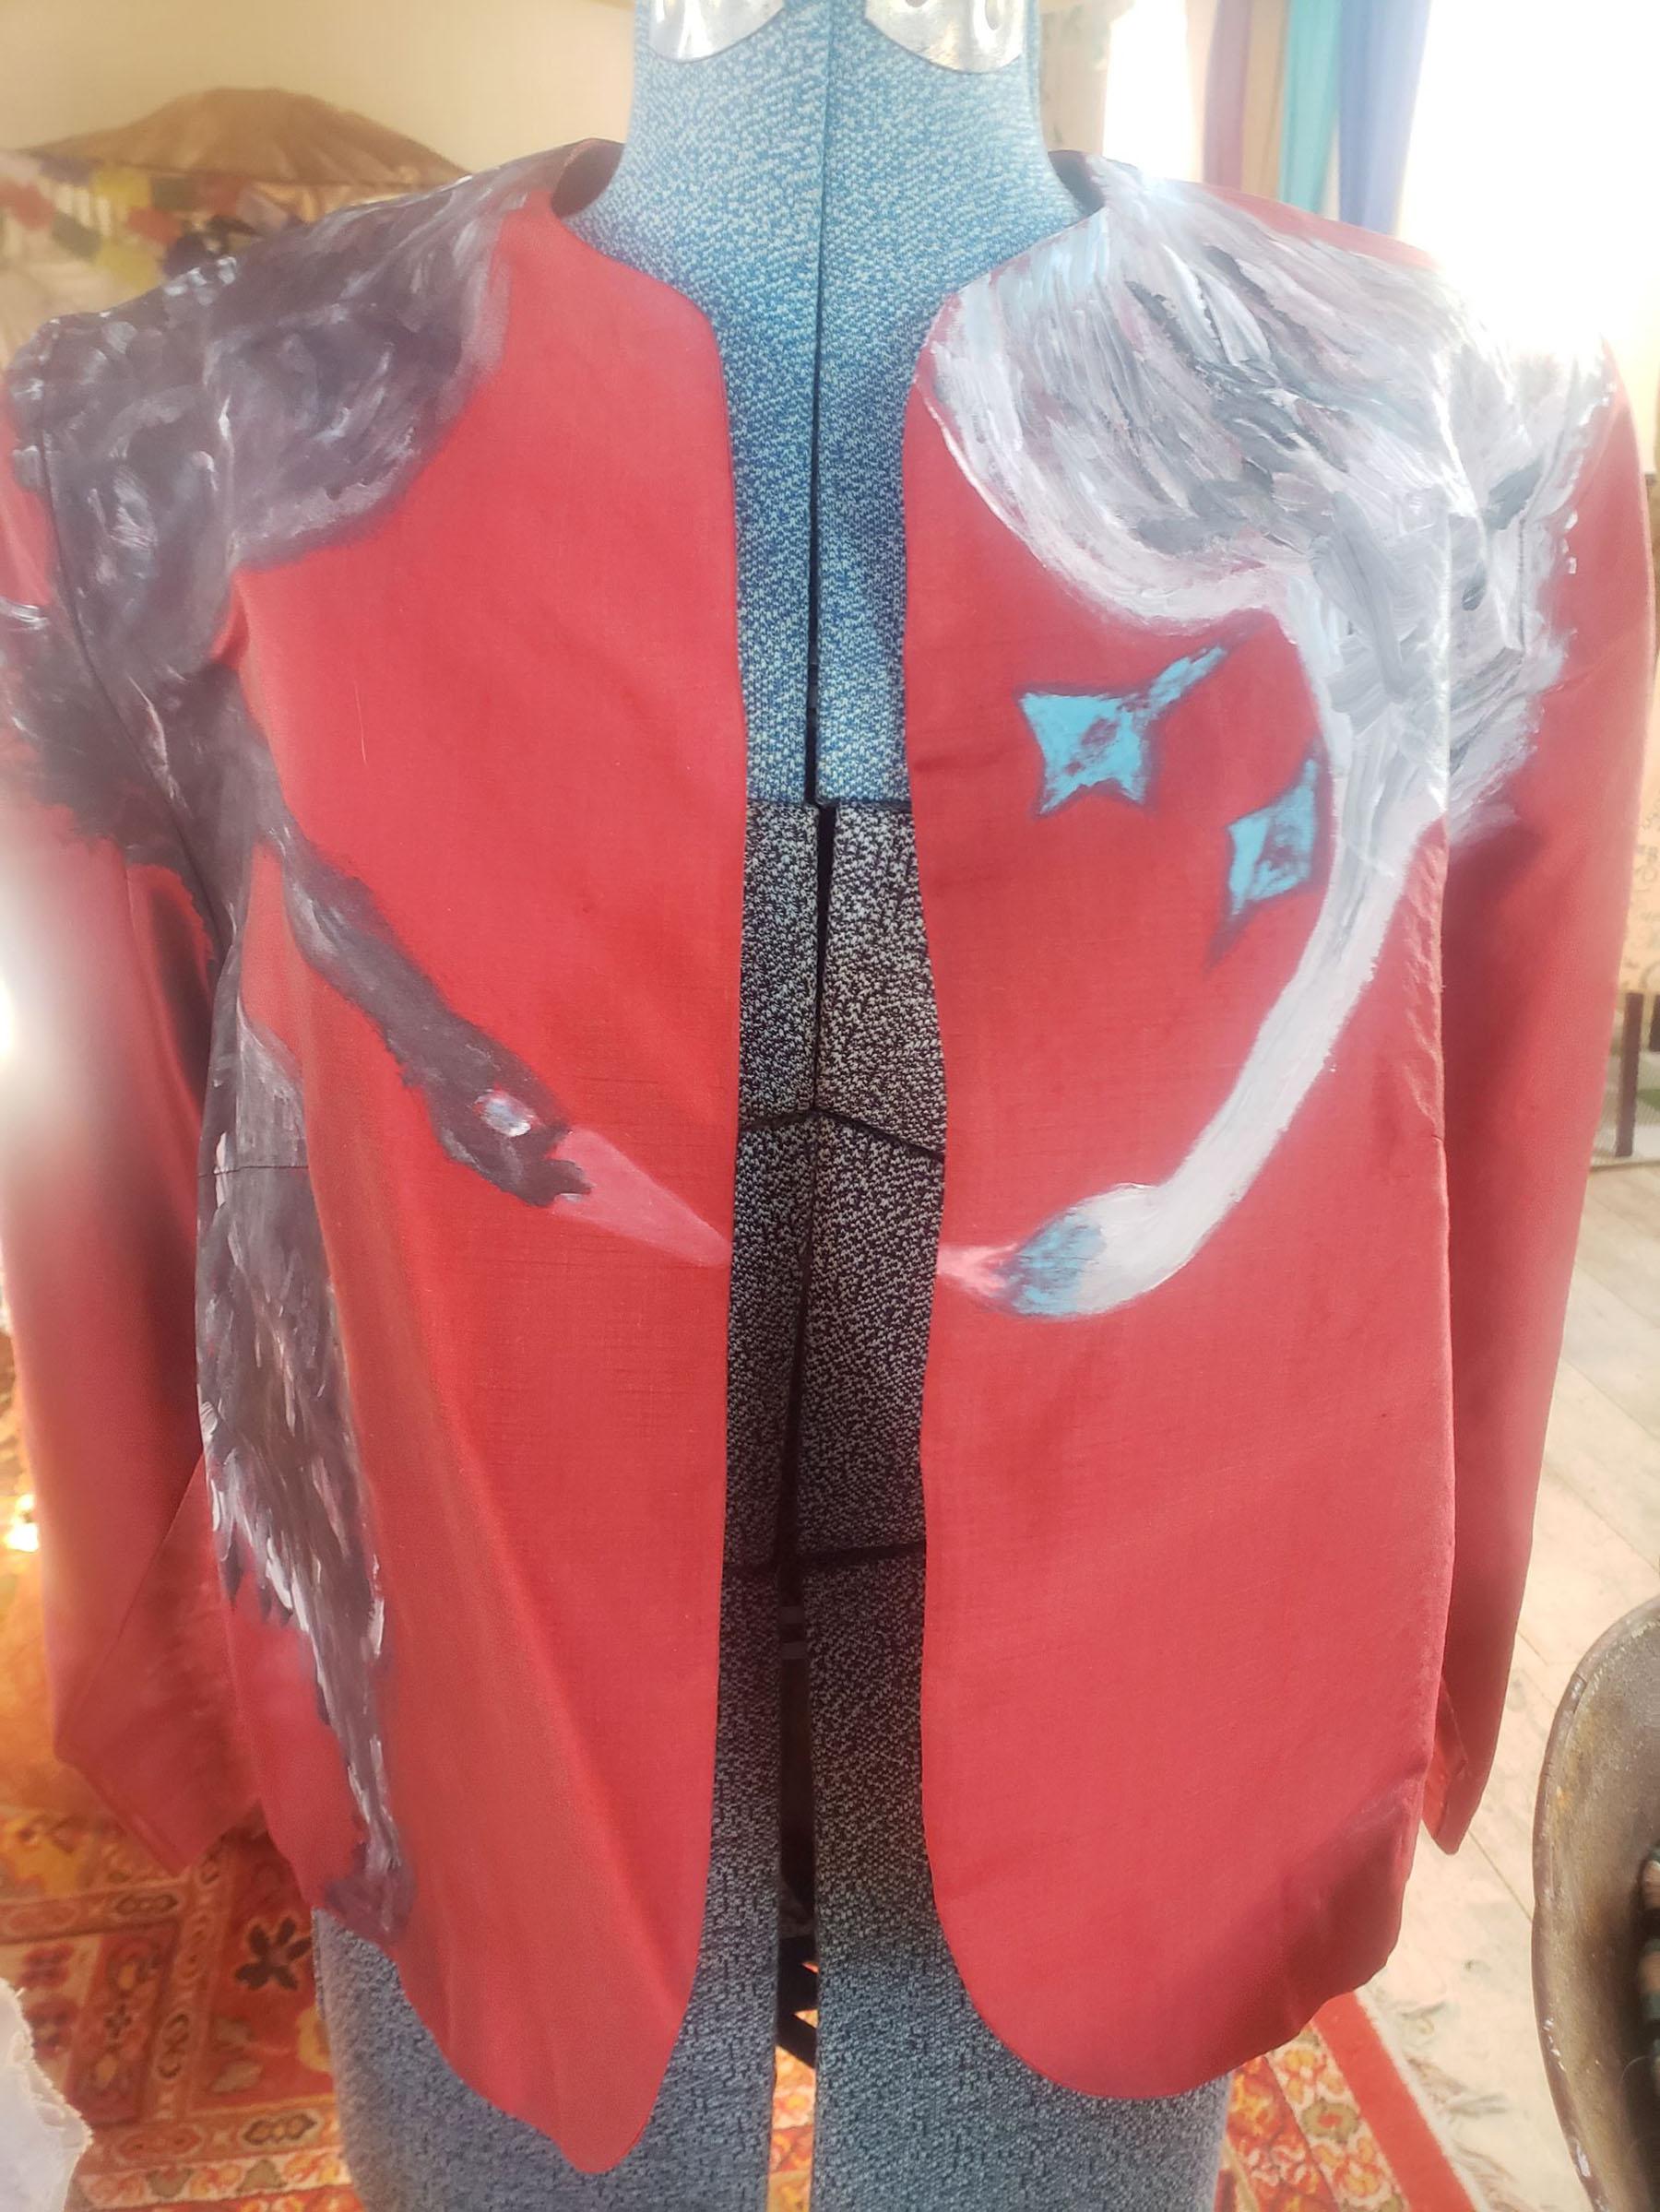 Sugarcoat-Couture-Swan-Coat